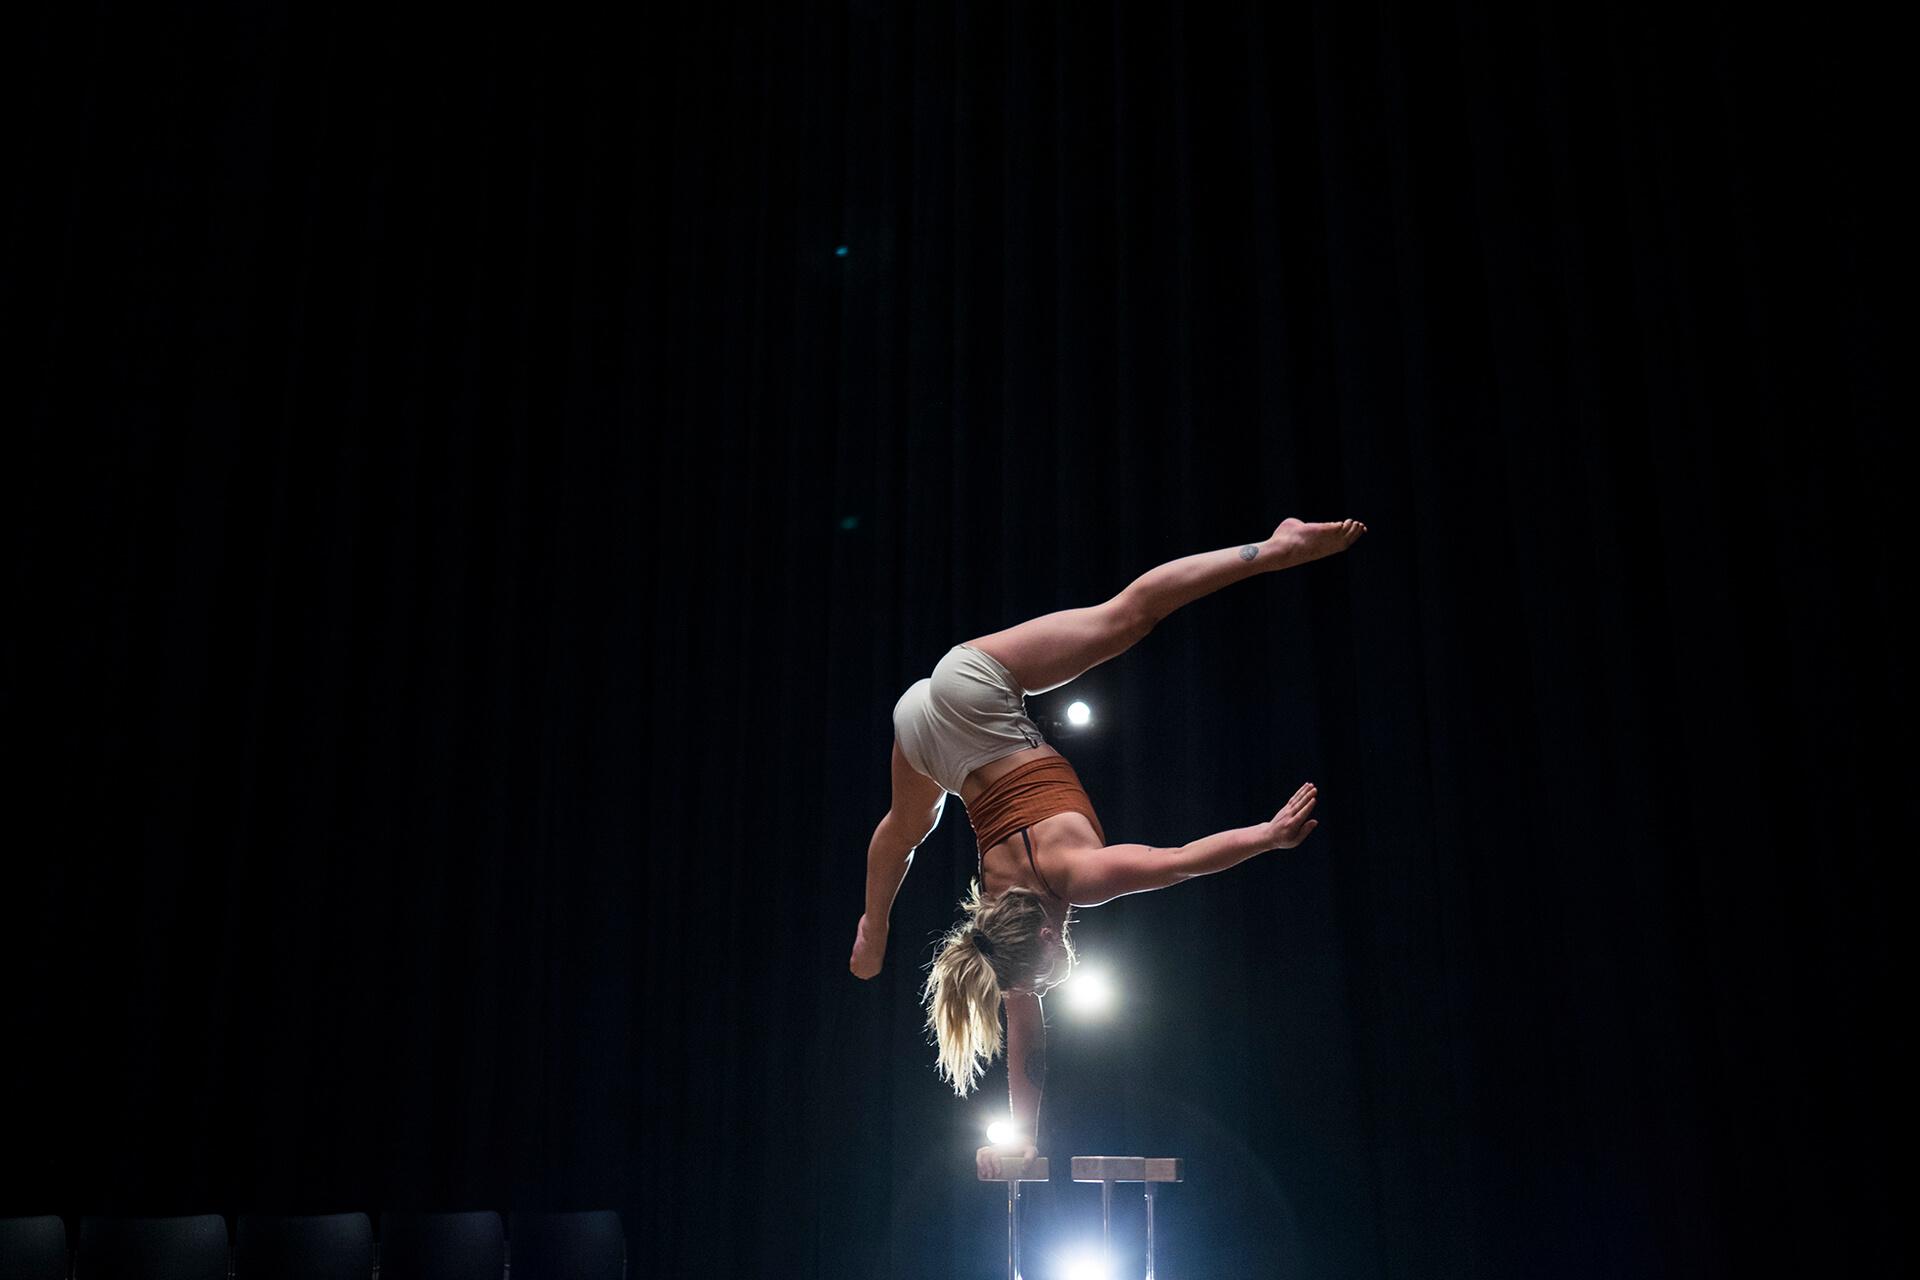 澳洲雜技團體Gravity & Other Myths的成員剛從歐洲完成表演,便立即到港準備演出,綵排的時候也一直努力練習!